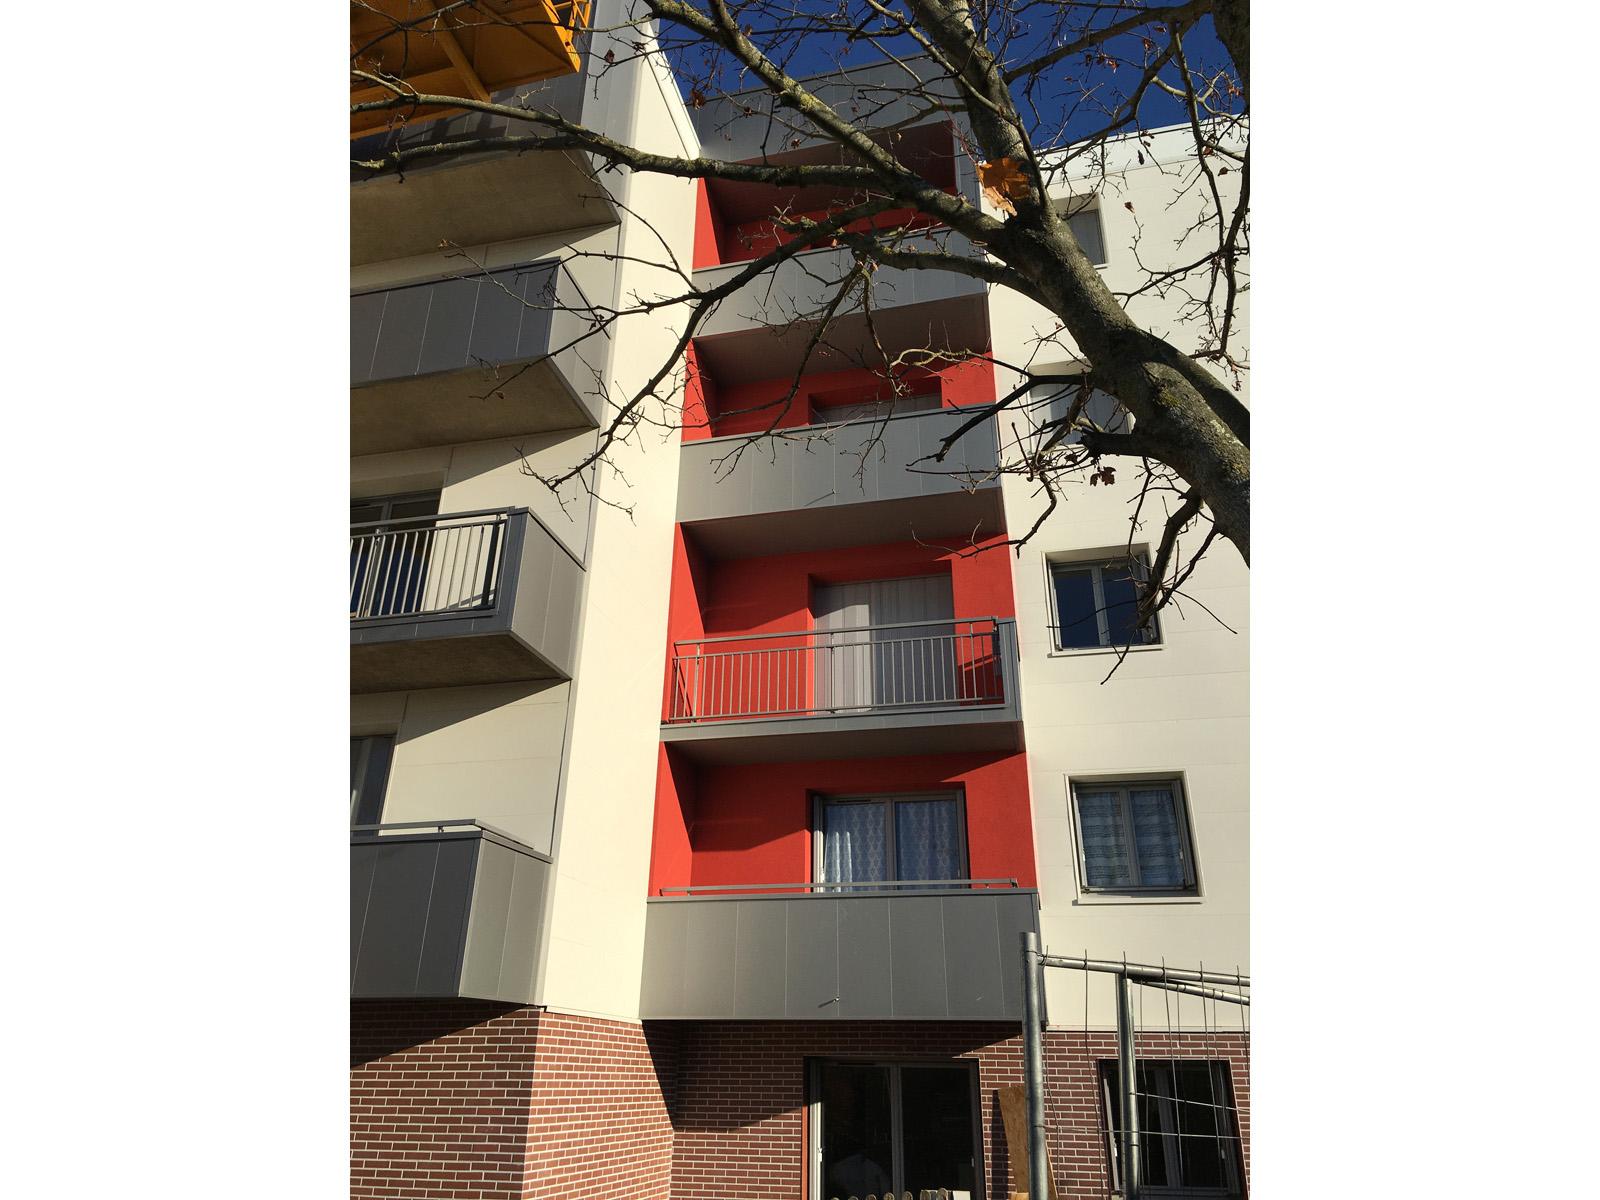 podeliha-rousseau-C2V-architectes-72